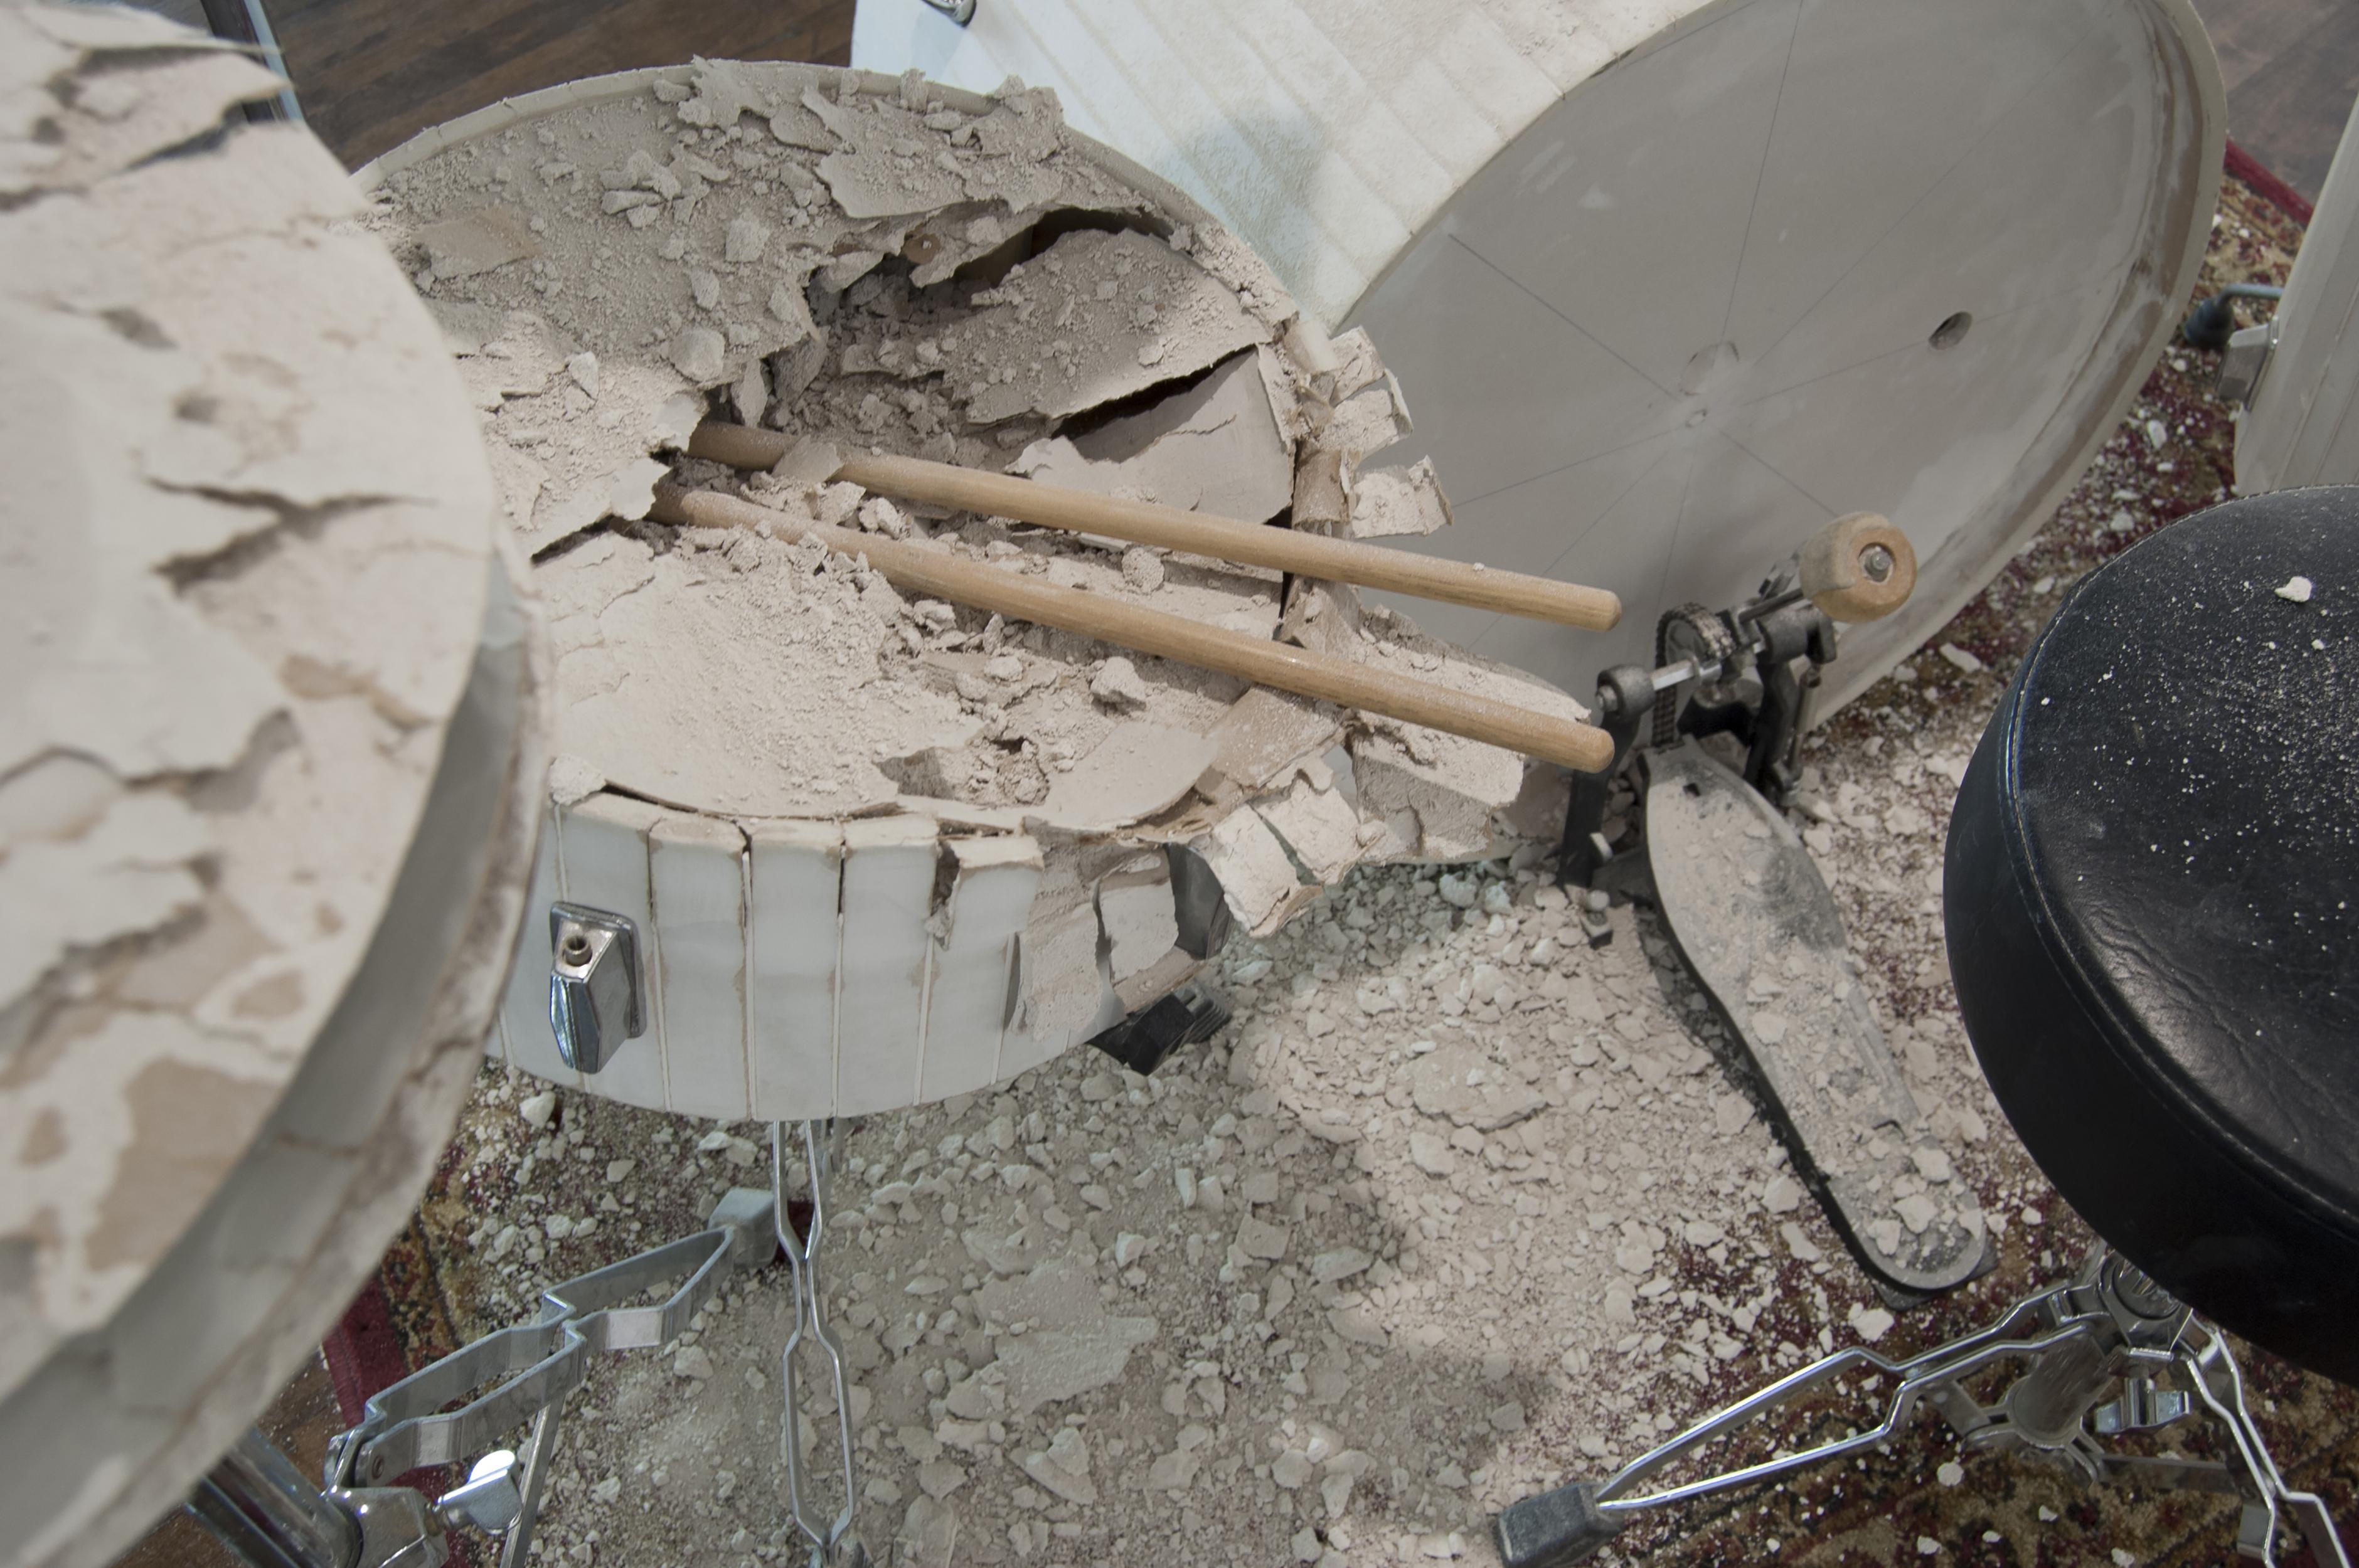 Scott Carter, Force Majeure (detail), drywall, drum set hardware (2013)